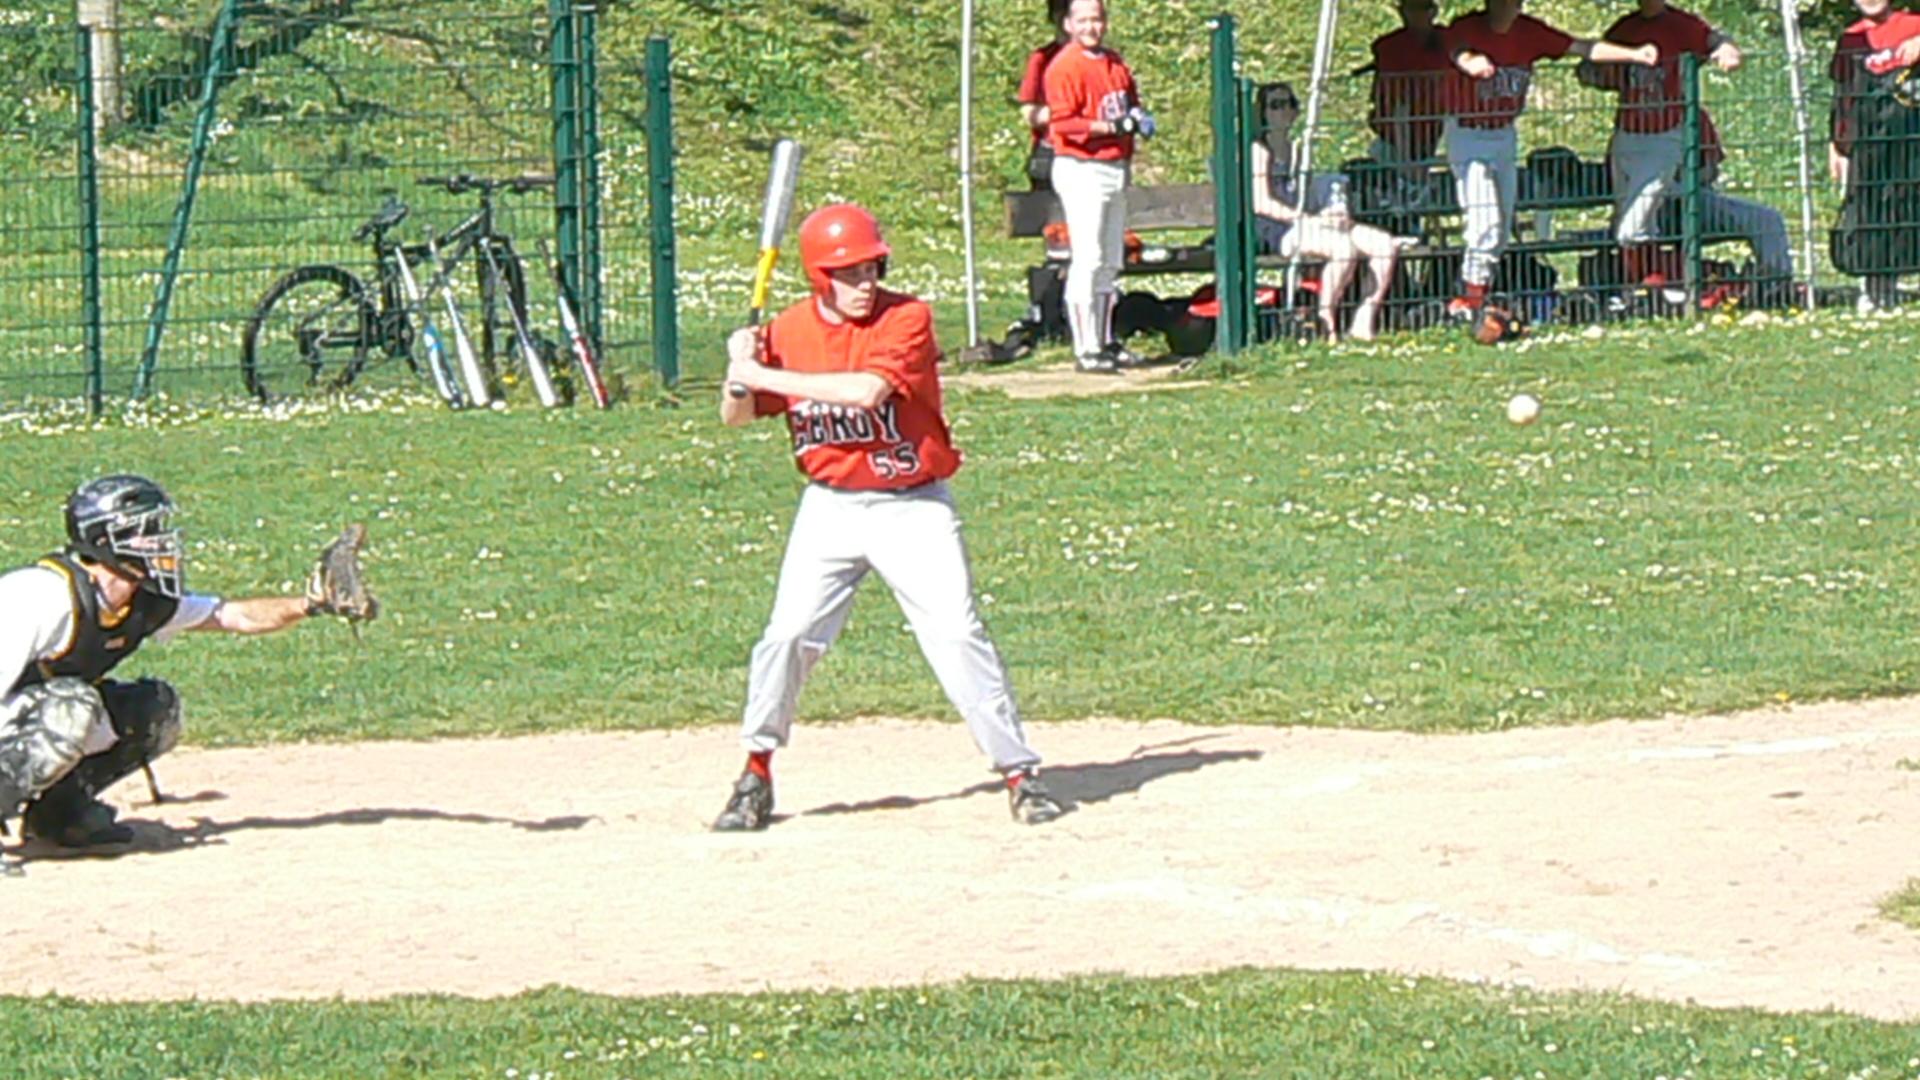 2011-04-10 - Baseball vs PUC 3 a Cergy (49)